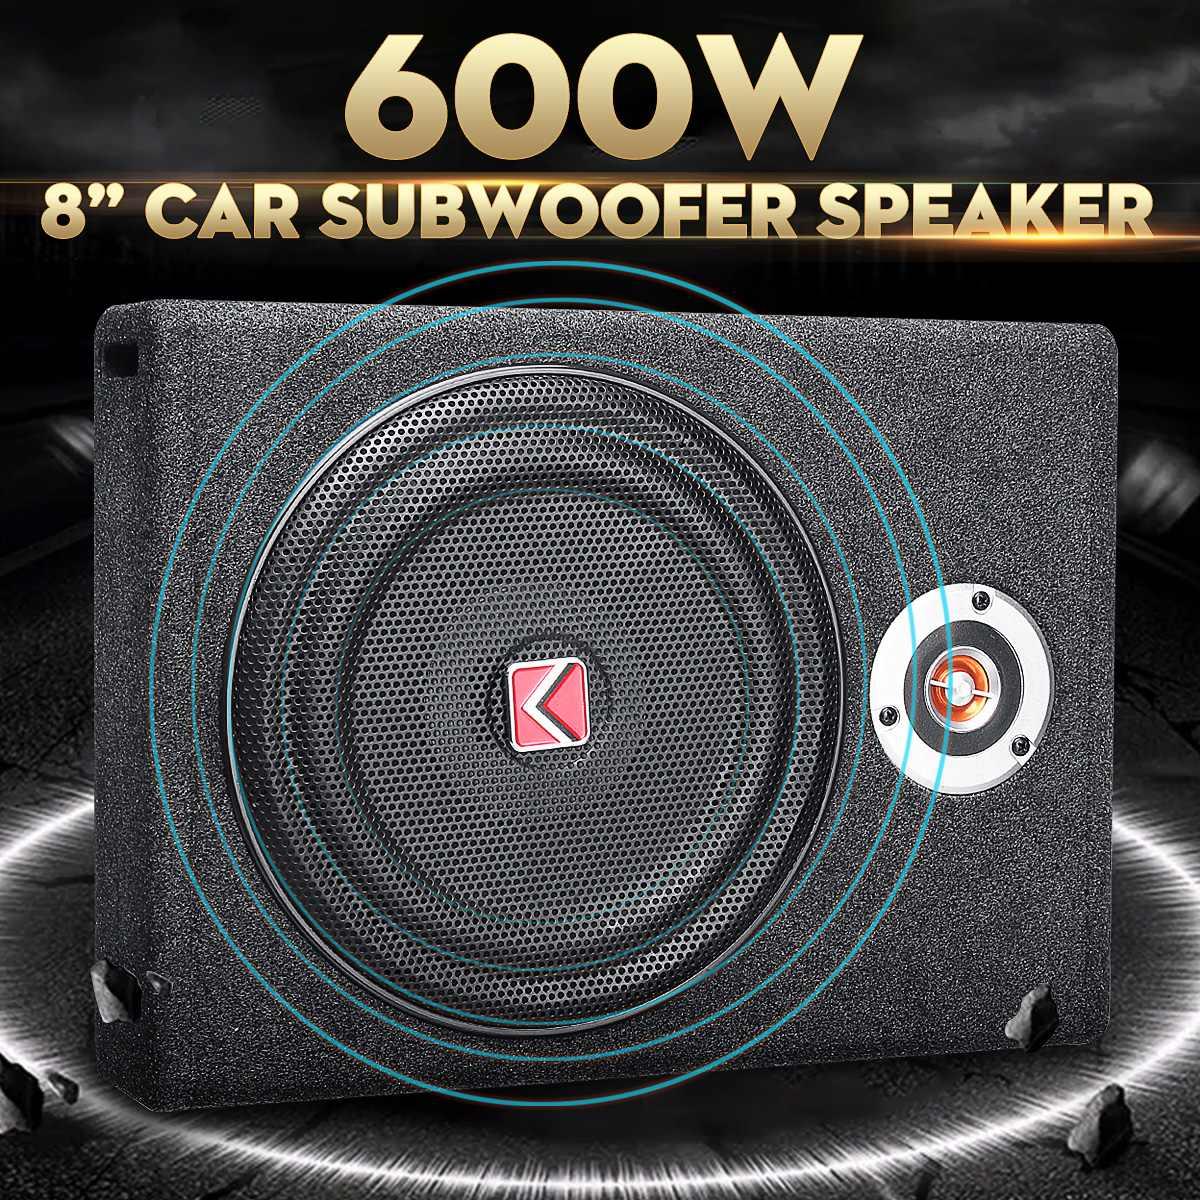 600W voiture caissons de basses haut-parleur 8 ''Subwoofer voiture Active mince sous siège haut-parleur stéréo basse klaxon Audio amplificateur de puissance haut-parleurs